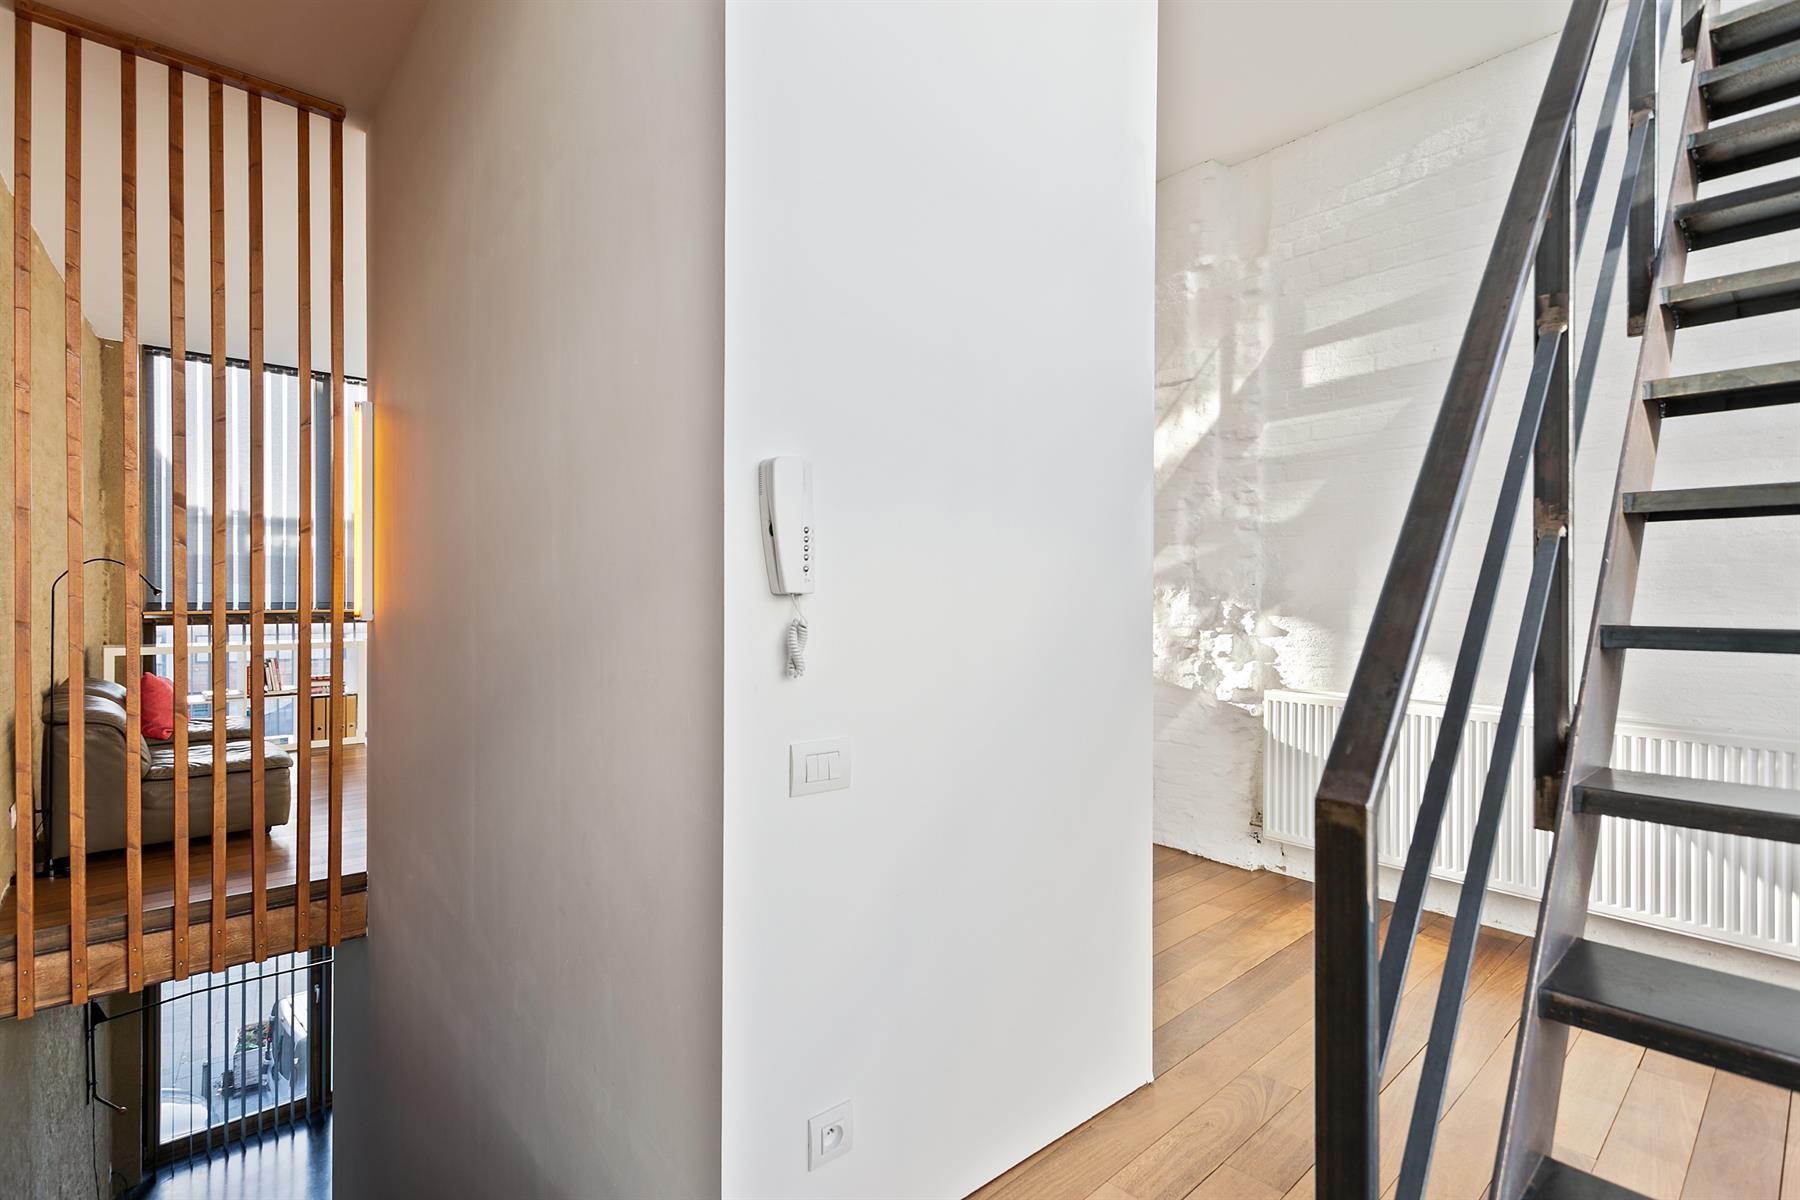 Makelaarskantoor De Meester, Appartement|Triplex te 2000 Antwerpen